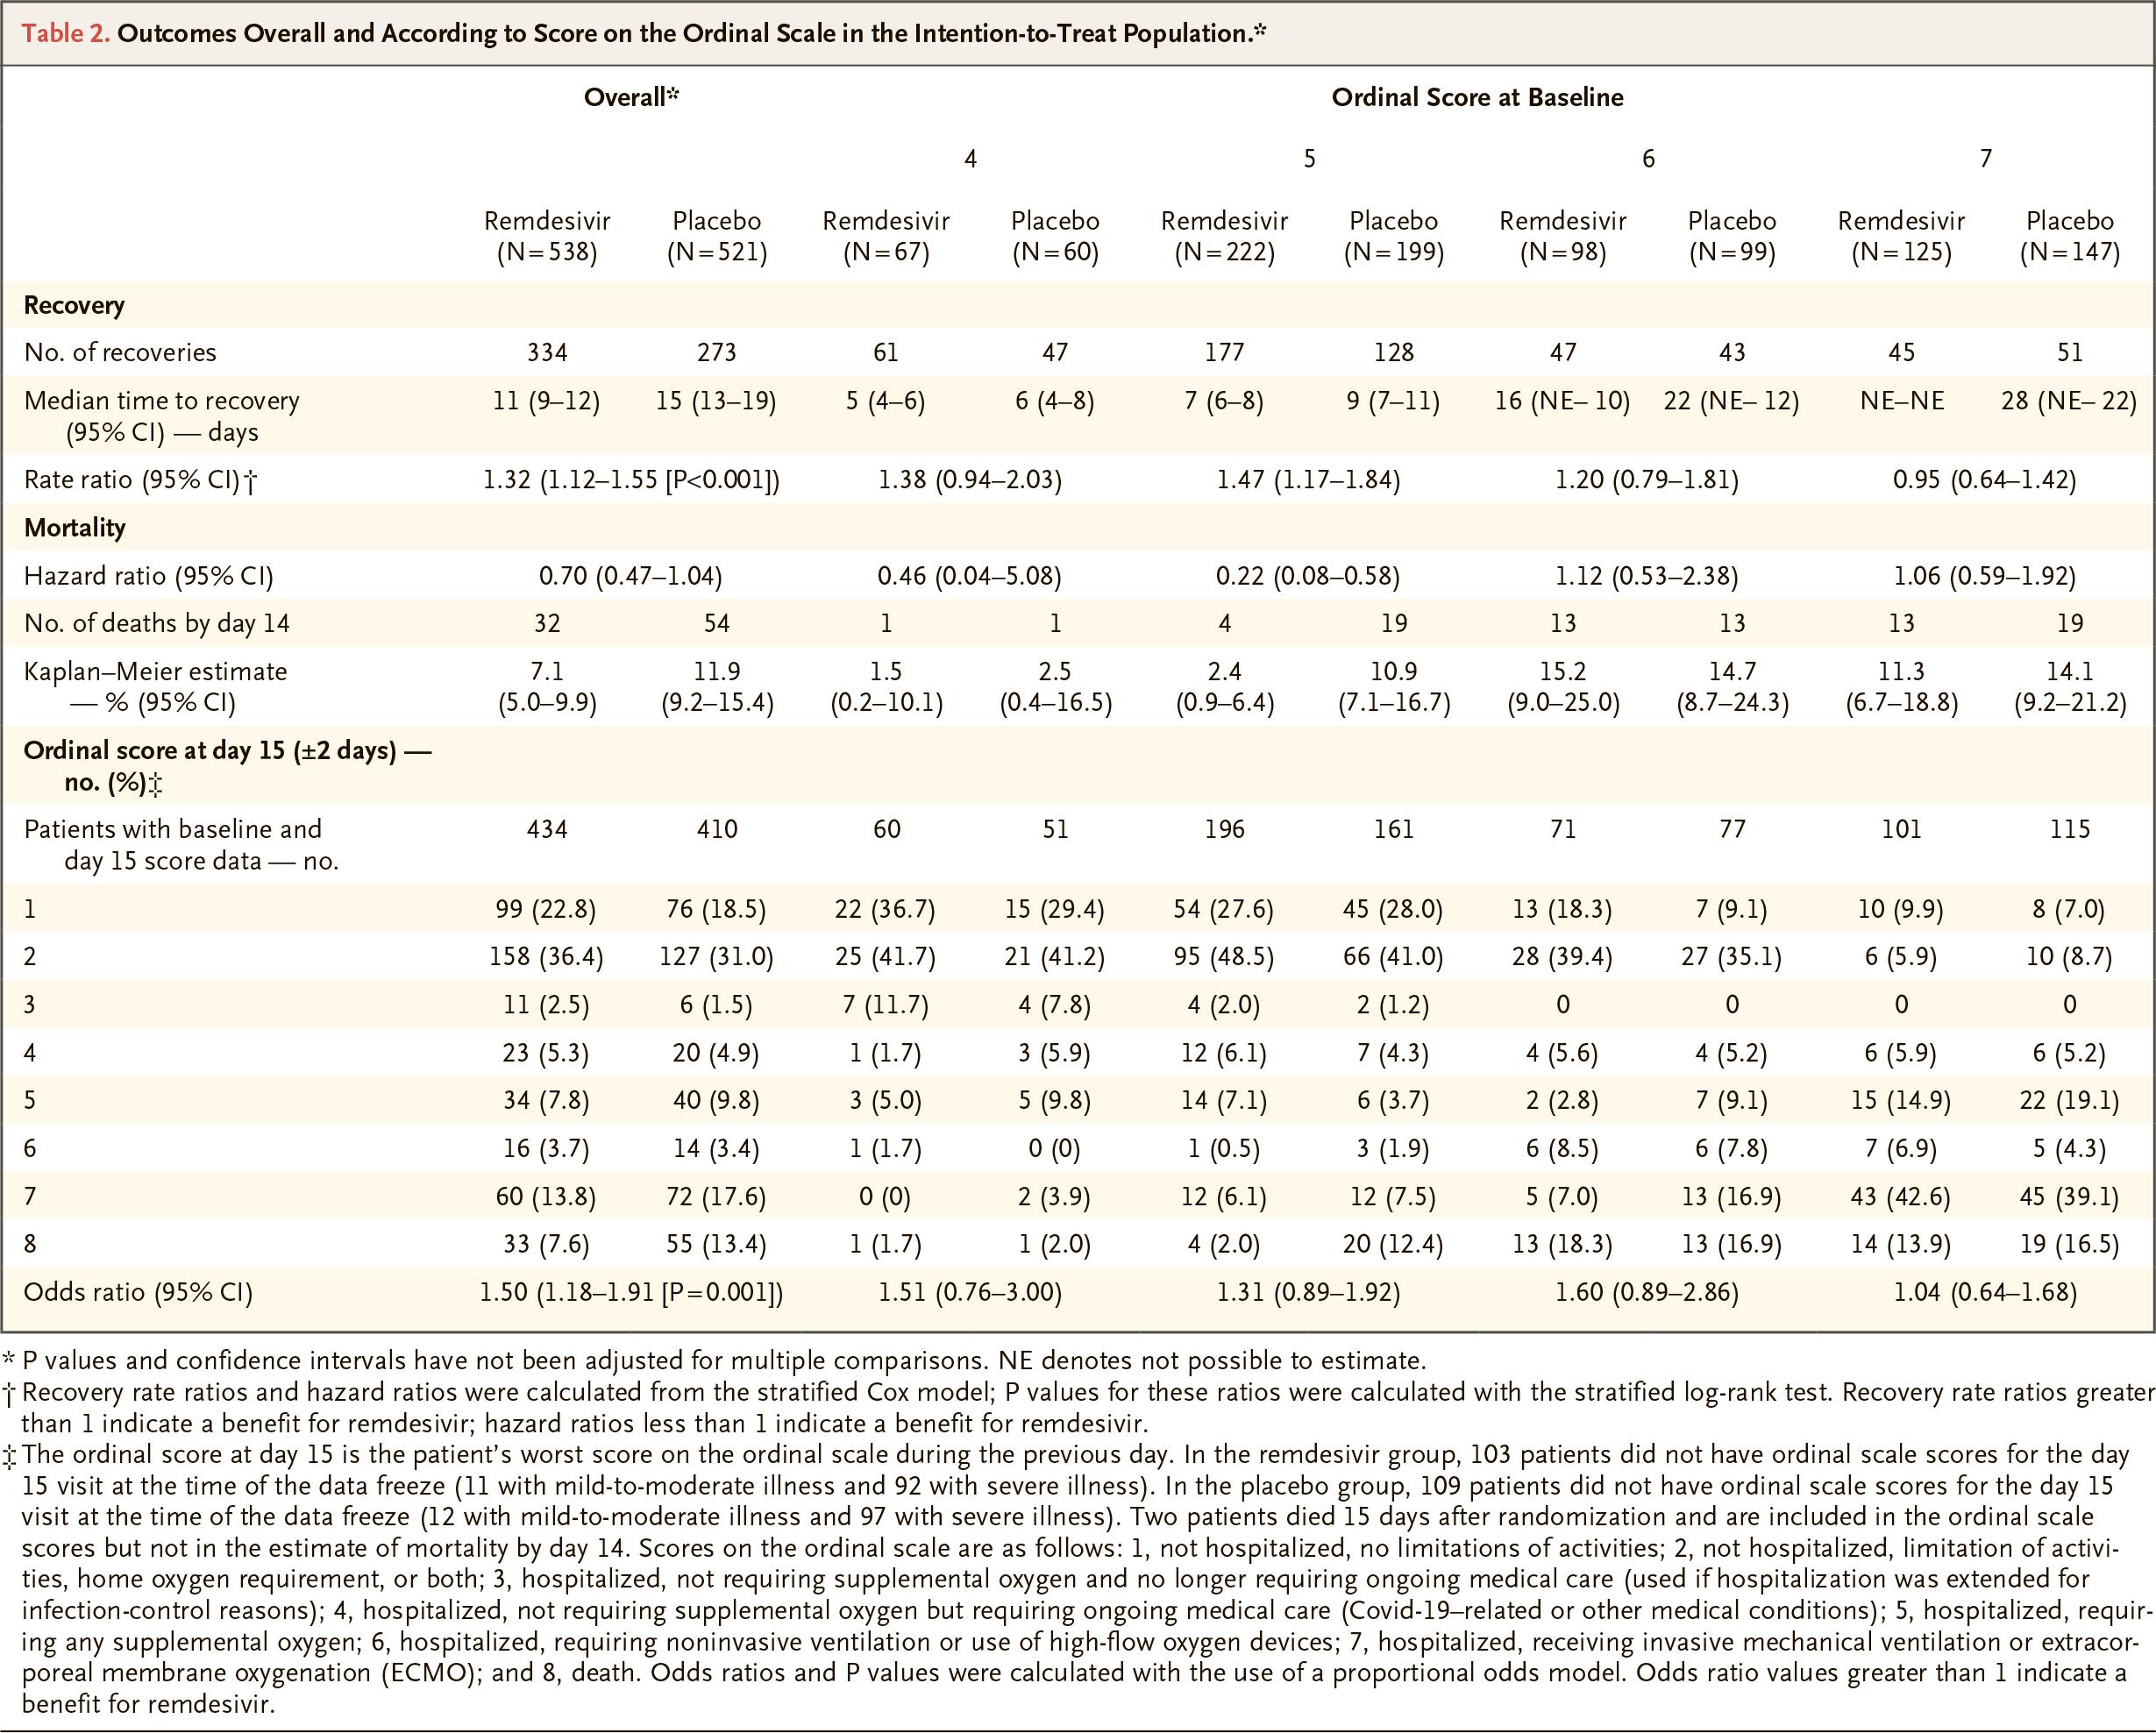 nct04280705 results 03 - Коронавирус. Лекарства. Ремдесивир ускорил выздоровление на треть